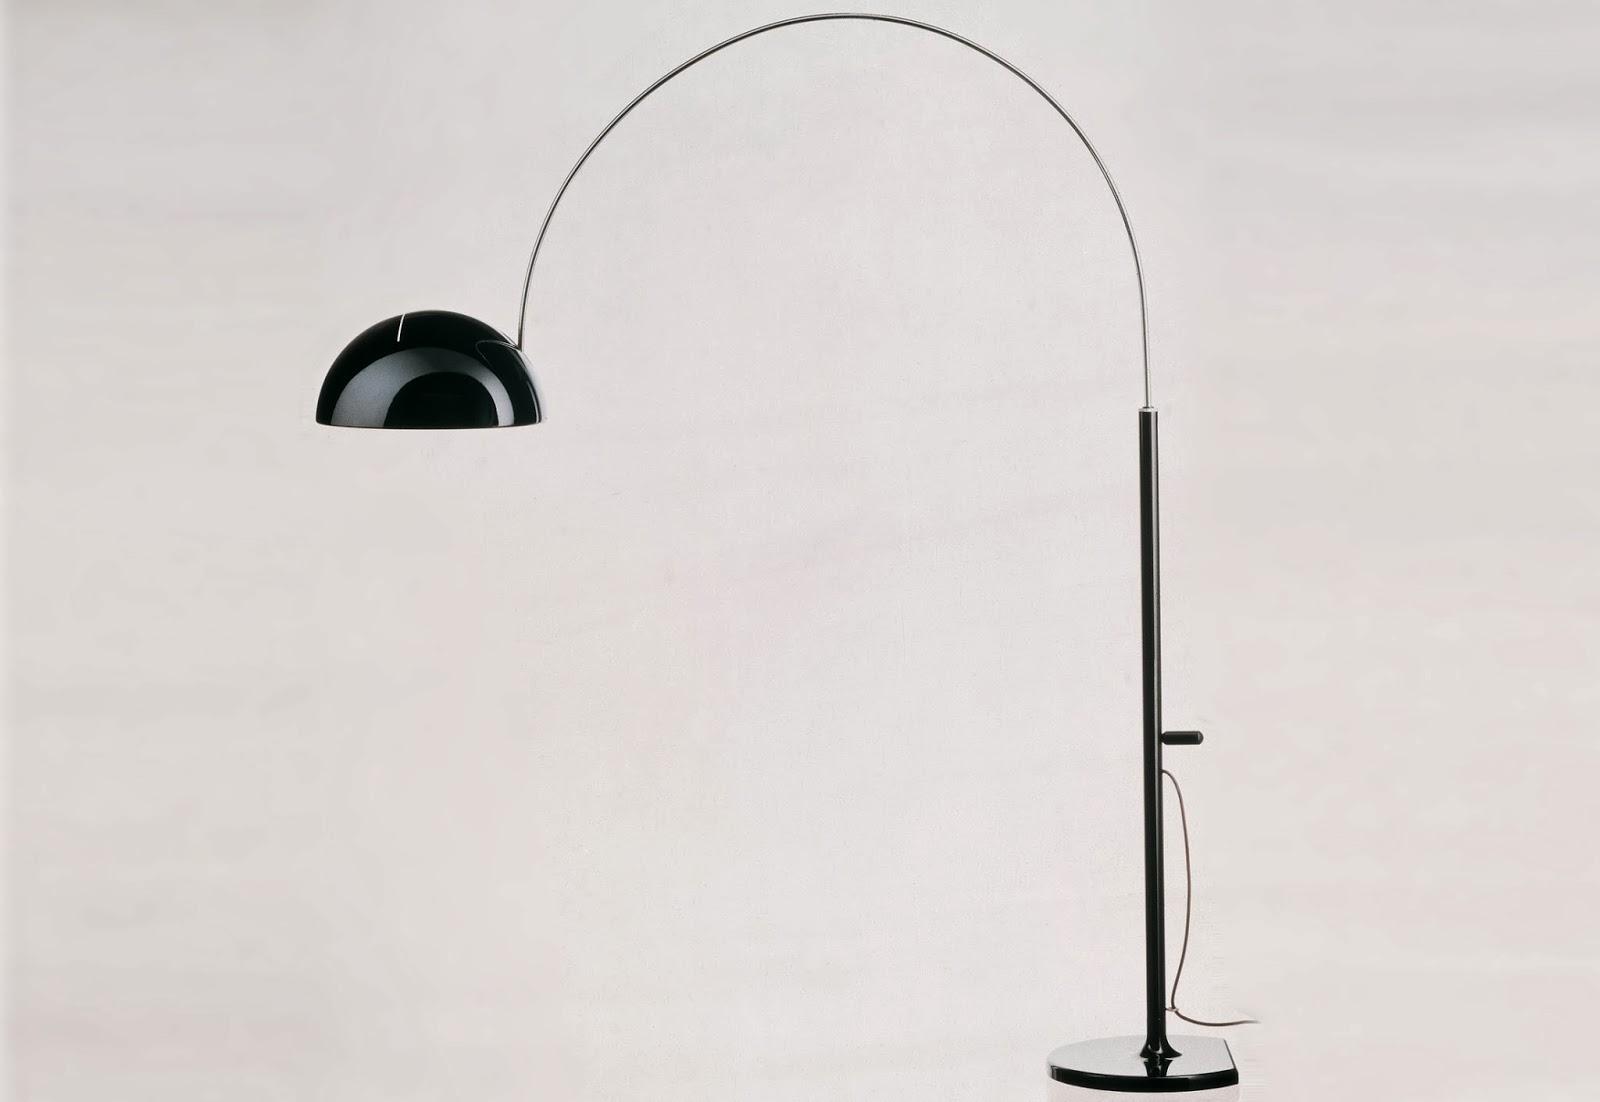 Arredo per voi lampada ad arco girevole regolabile in altezza